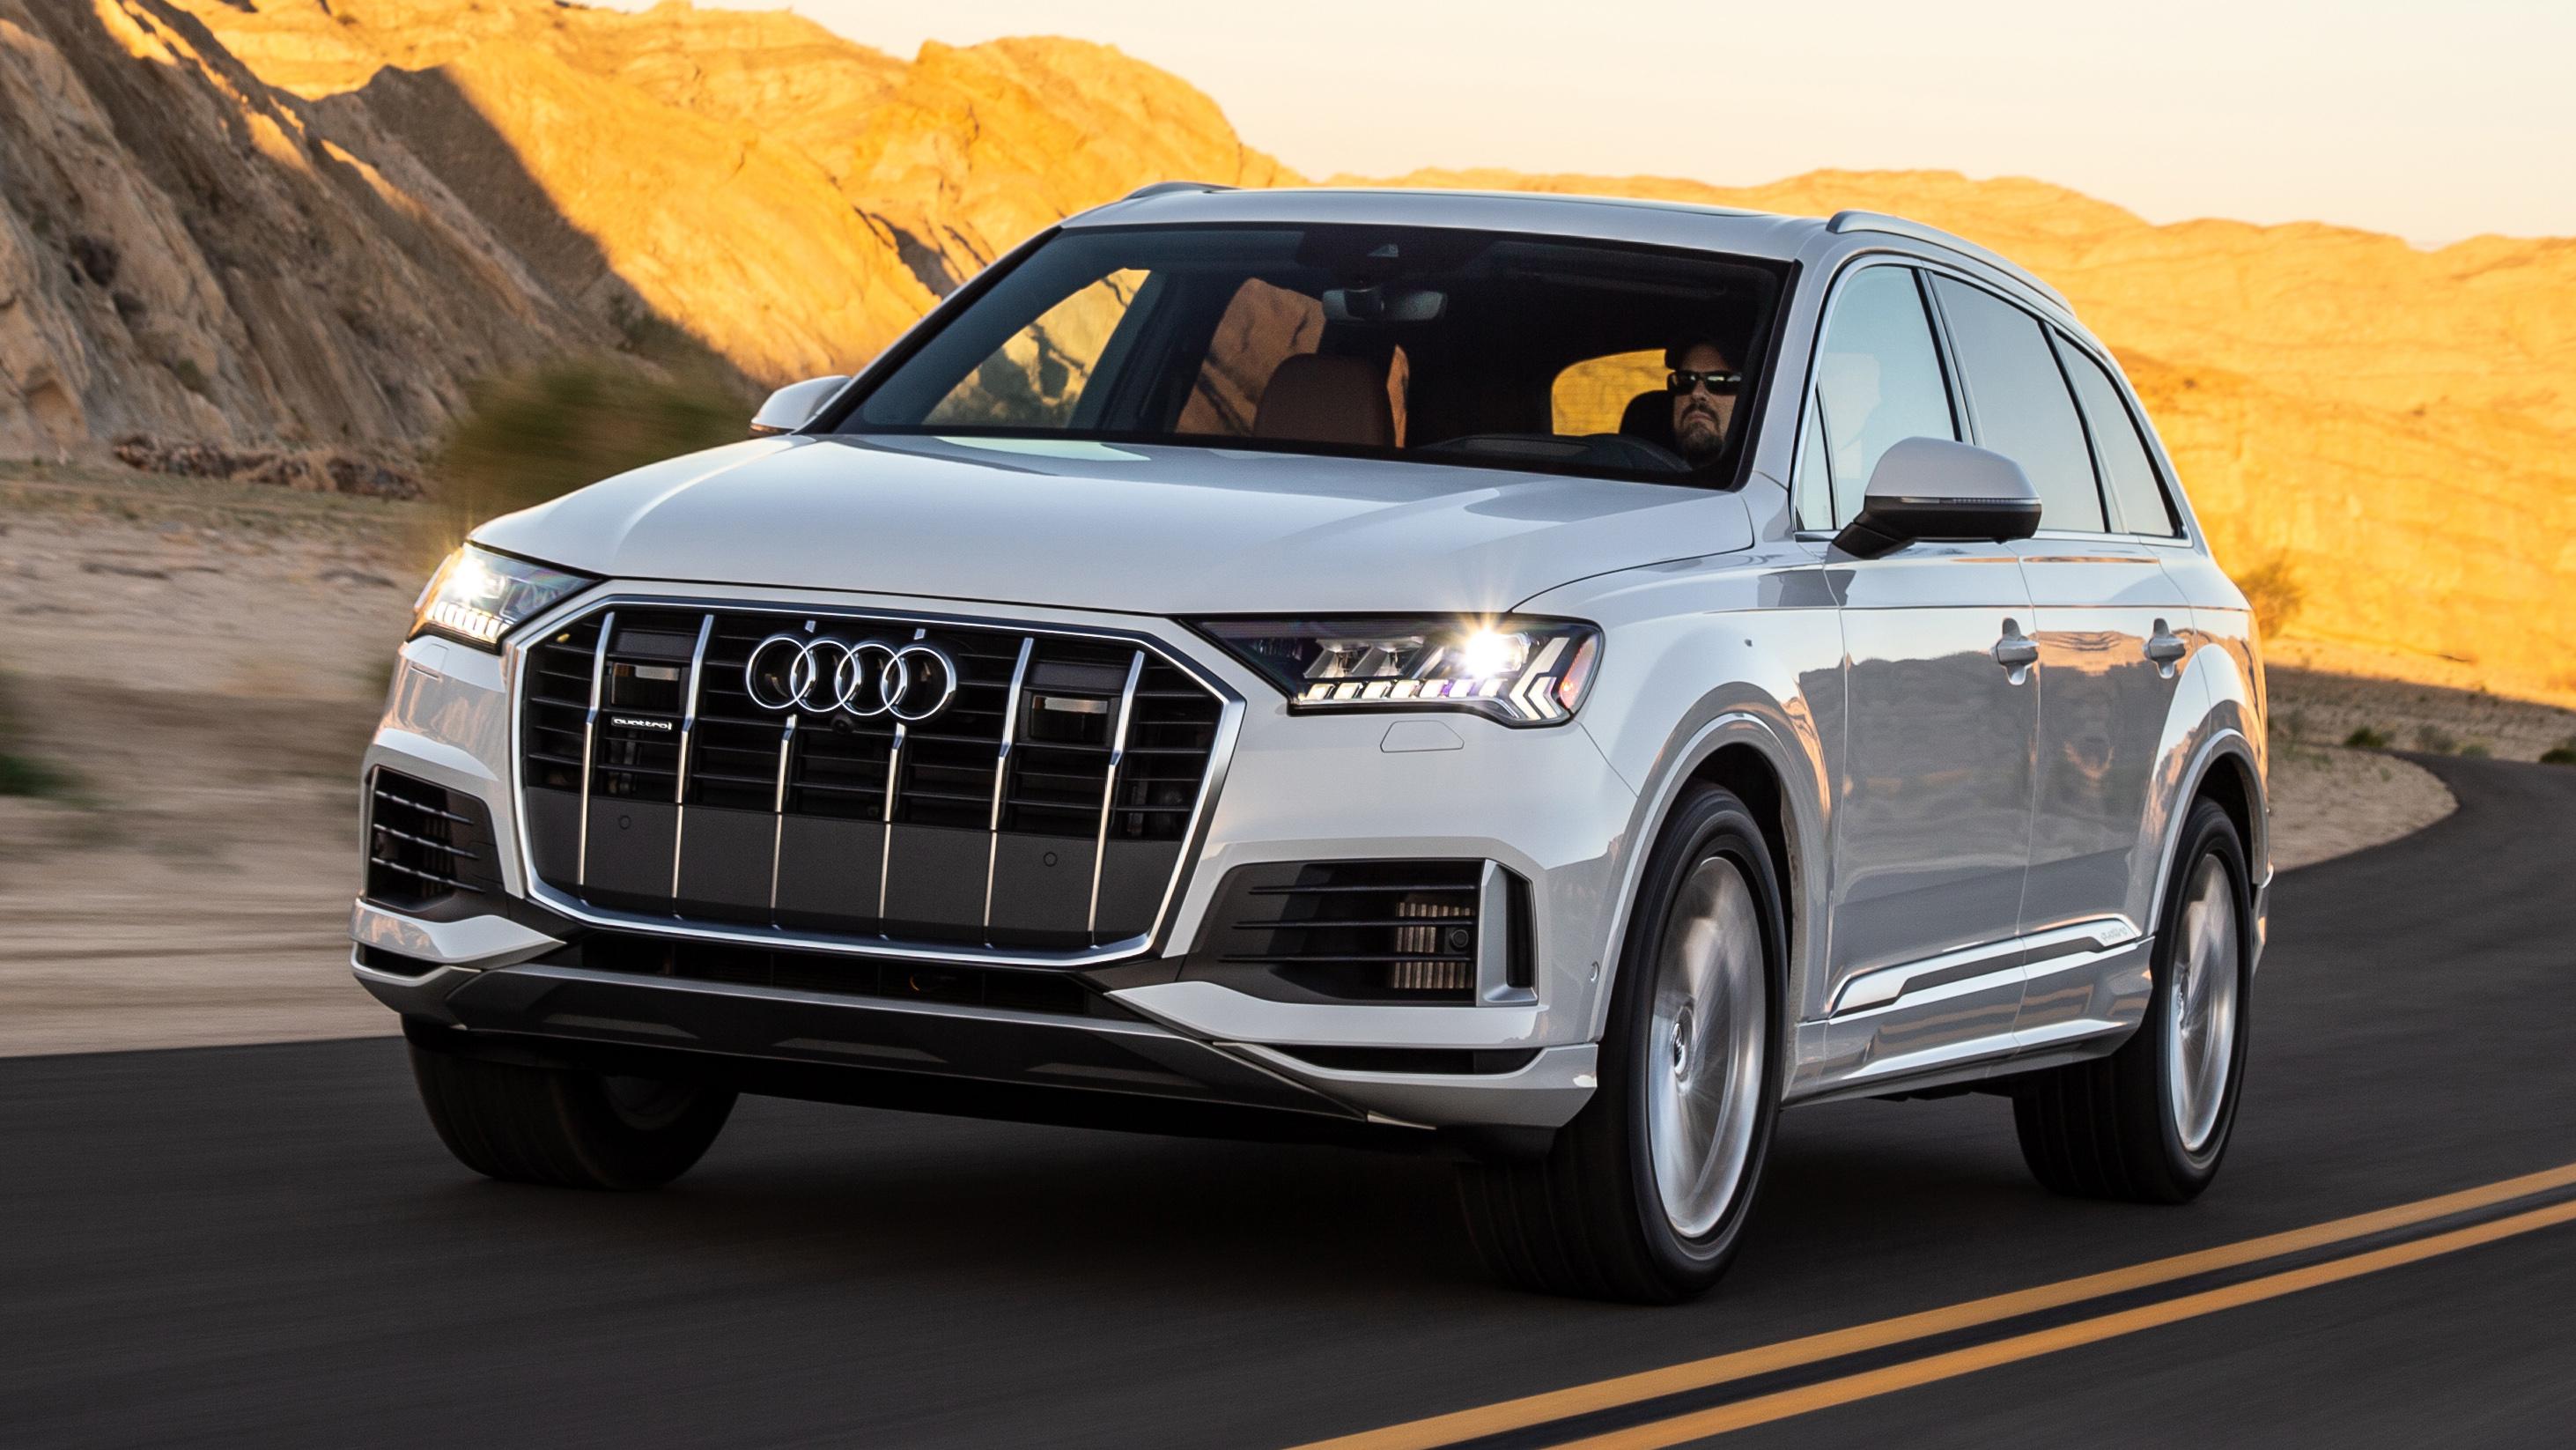 Kelebihan Kekurangan Audi Jeep Top Model Tahun Ini